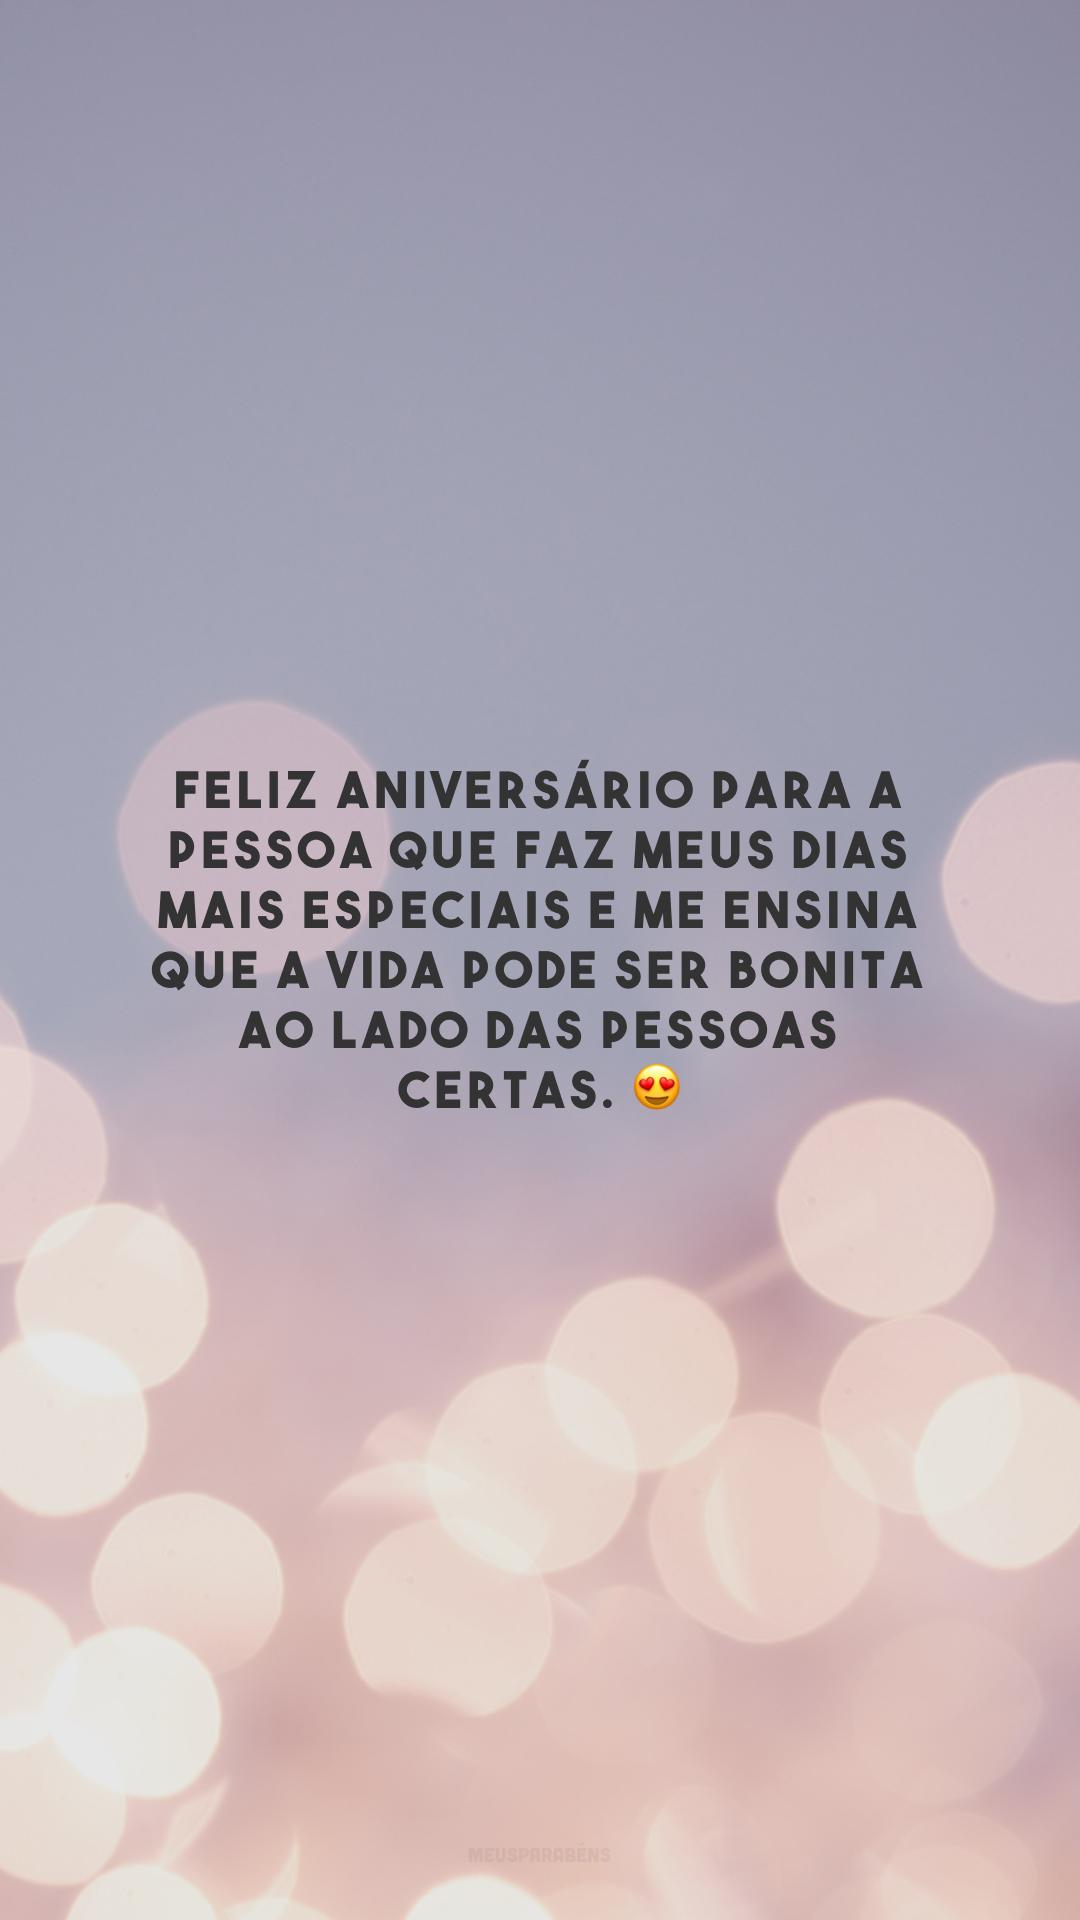 Feliz aniversário para a pessoa que faz meus dias mais especiais e me ensina que a vida pode ser bonita ao lado das pessoas certas. 😍